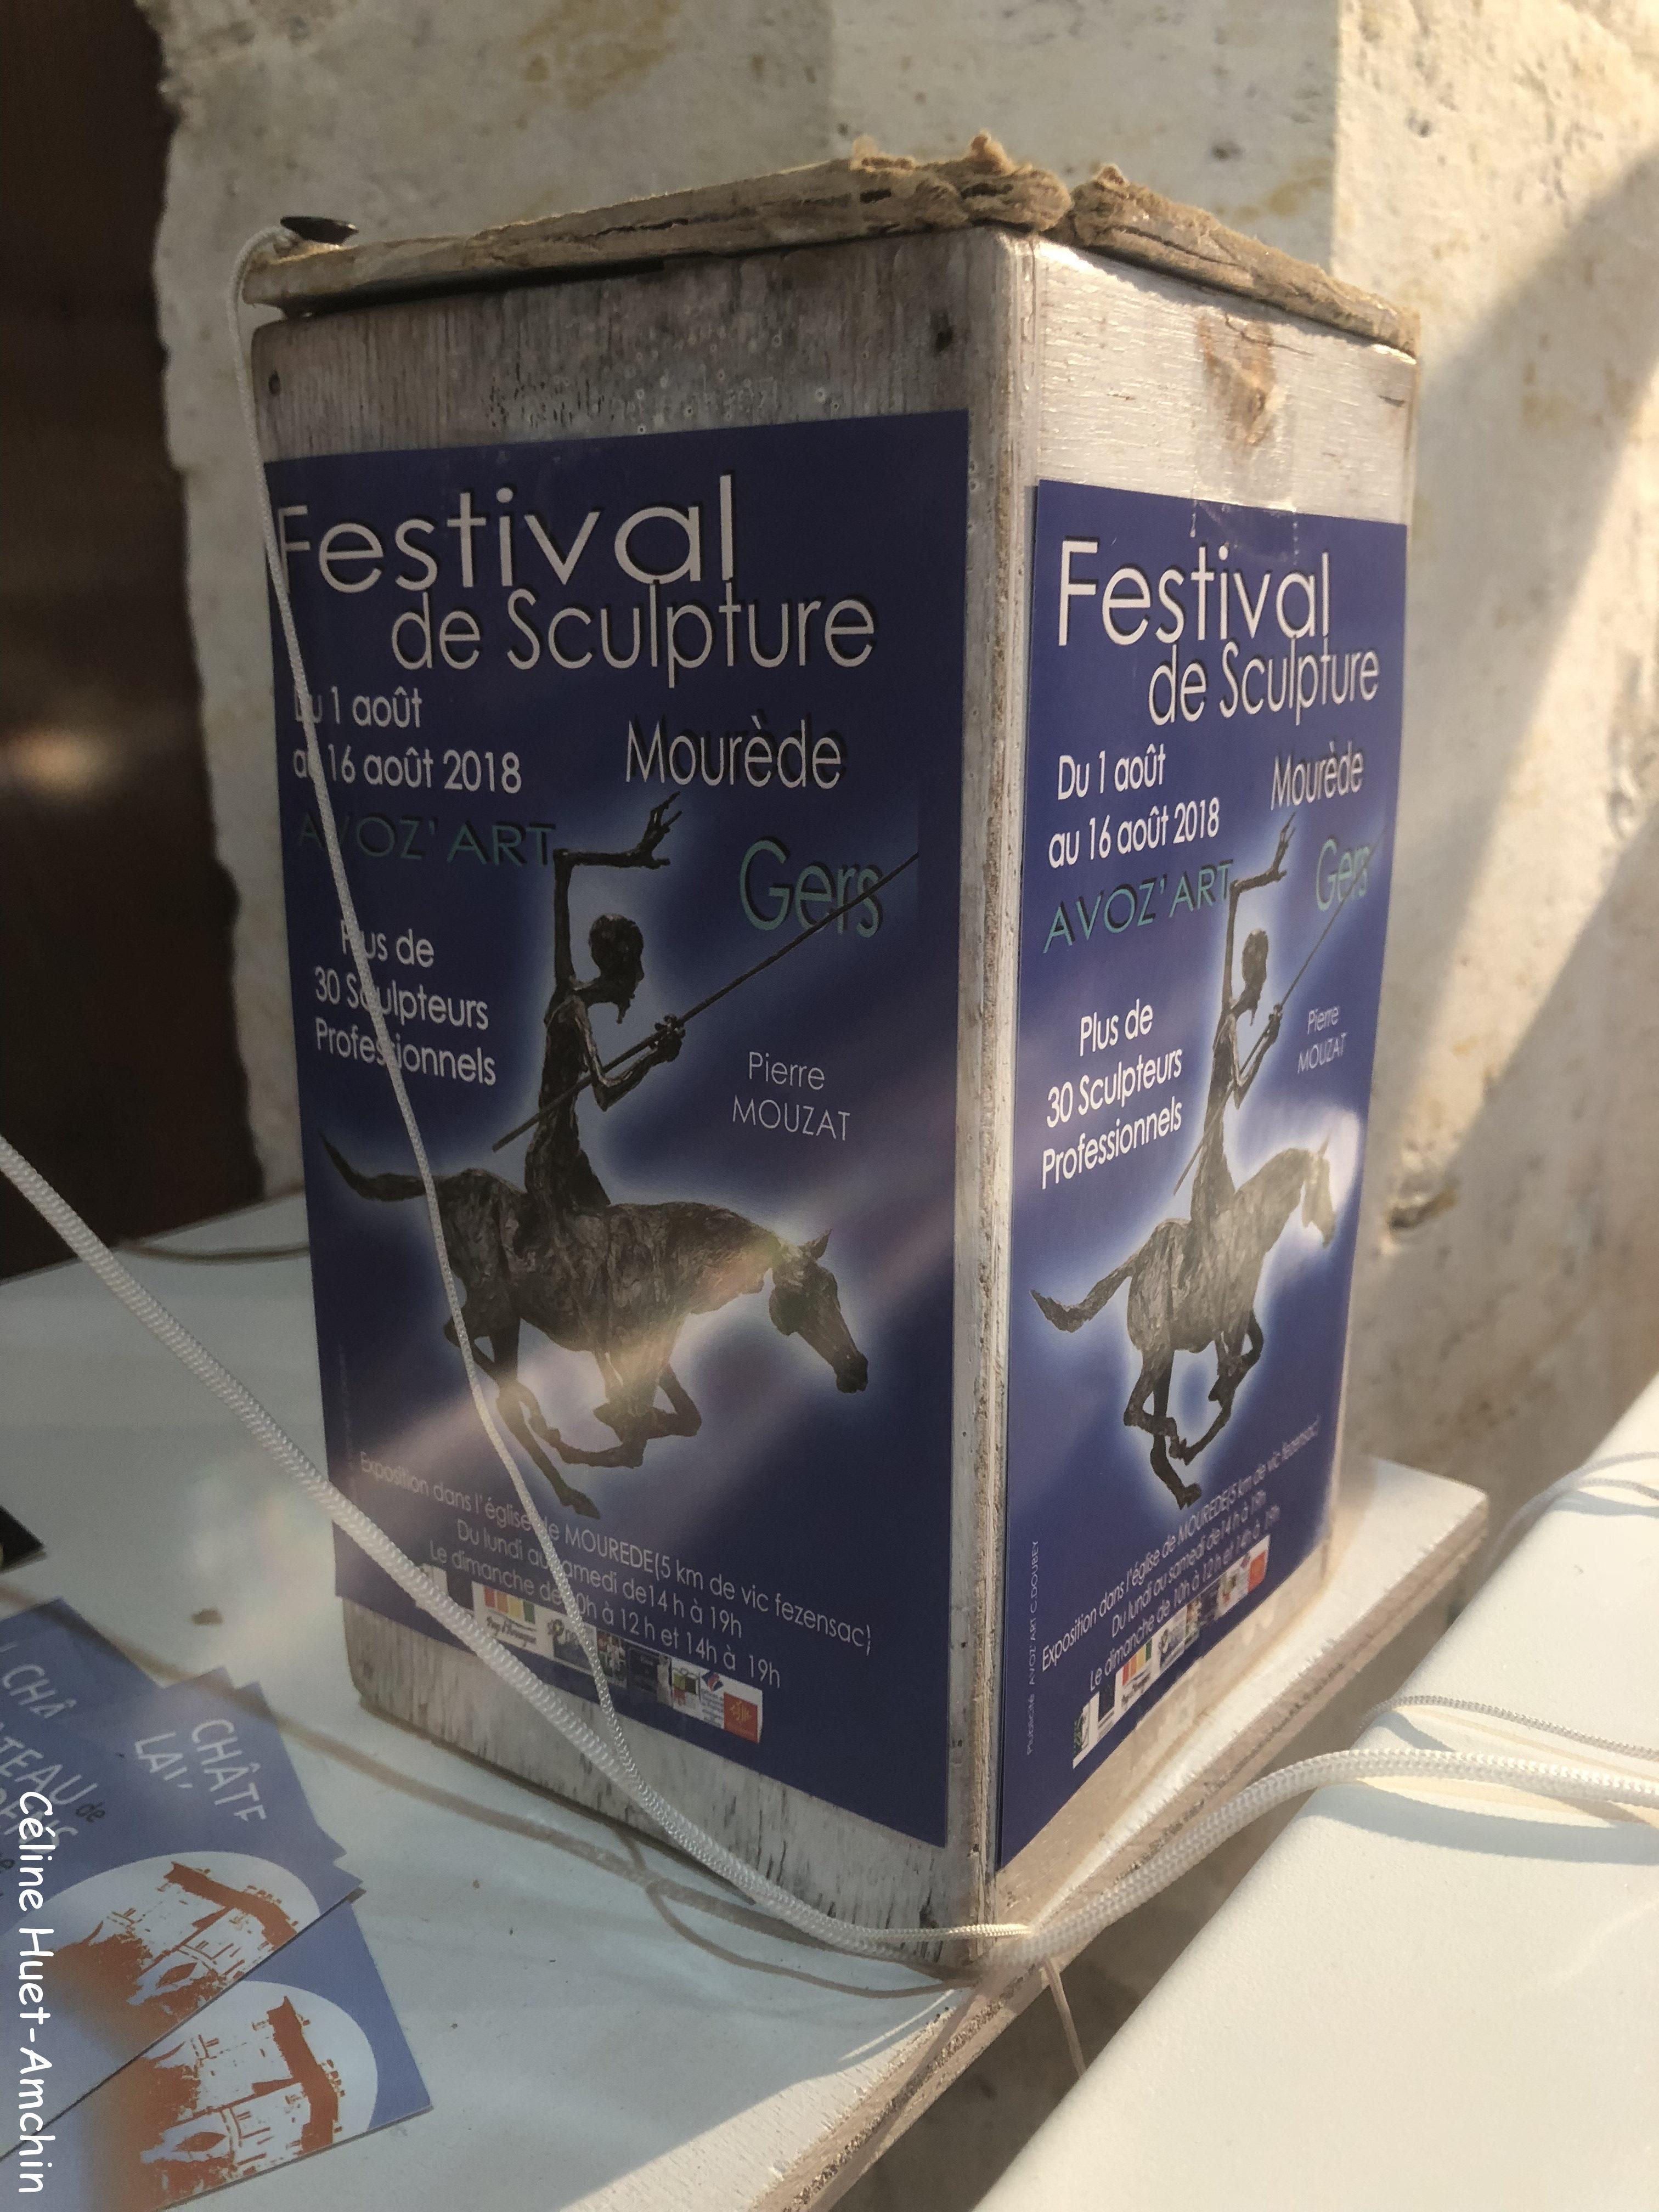 Festival de Sculpture (Mourède, Gers, 2018)